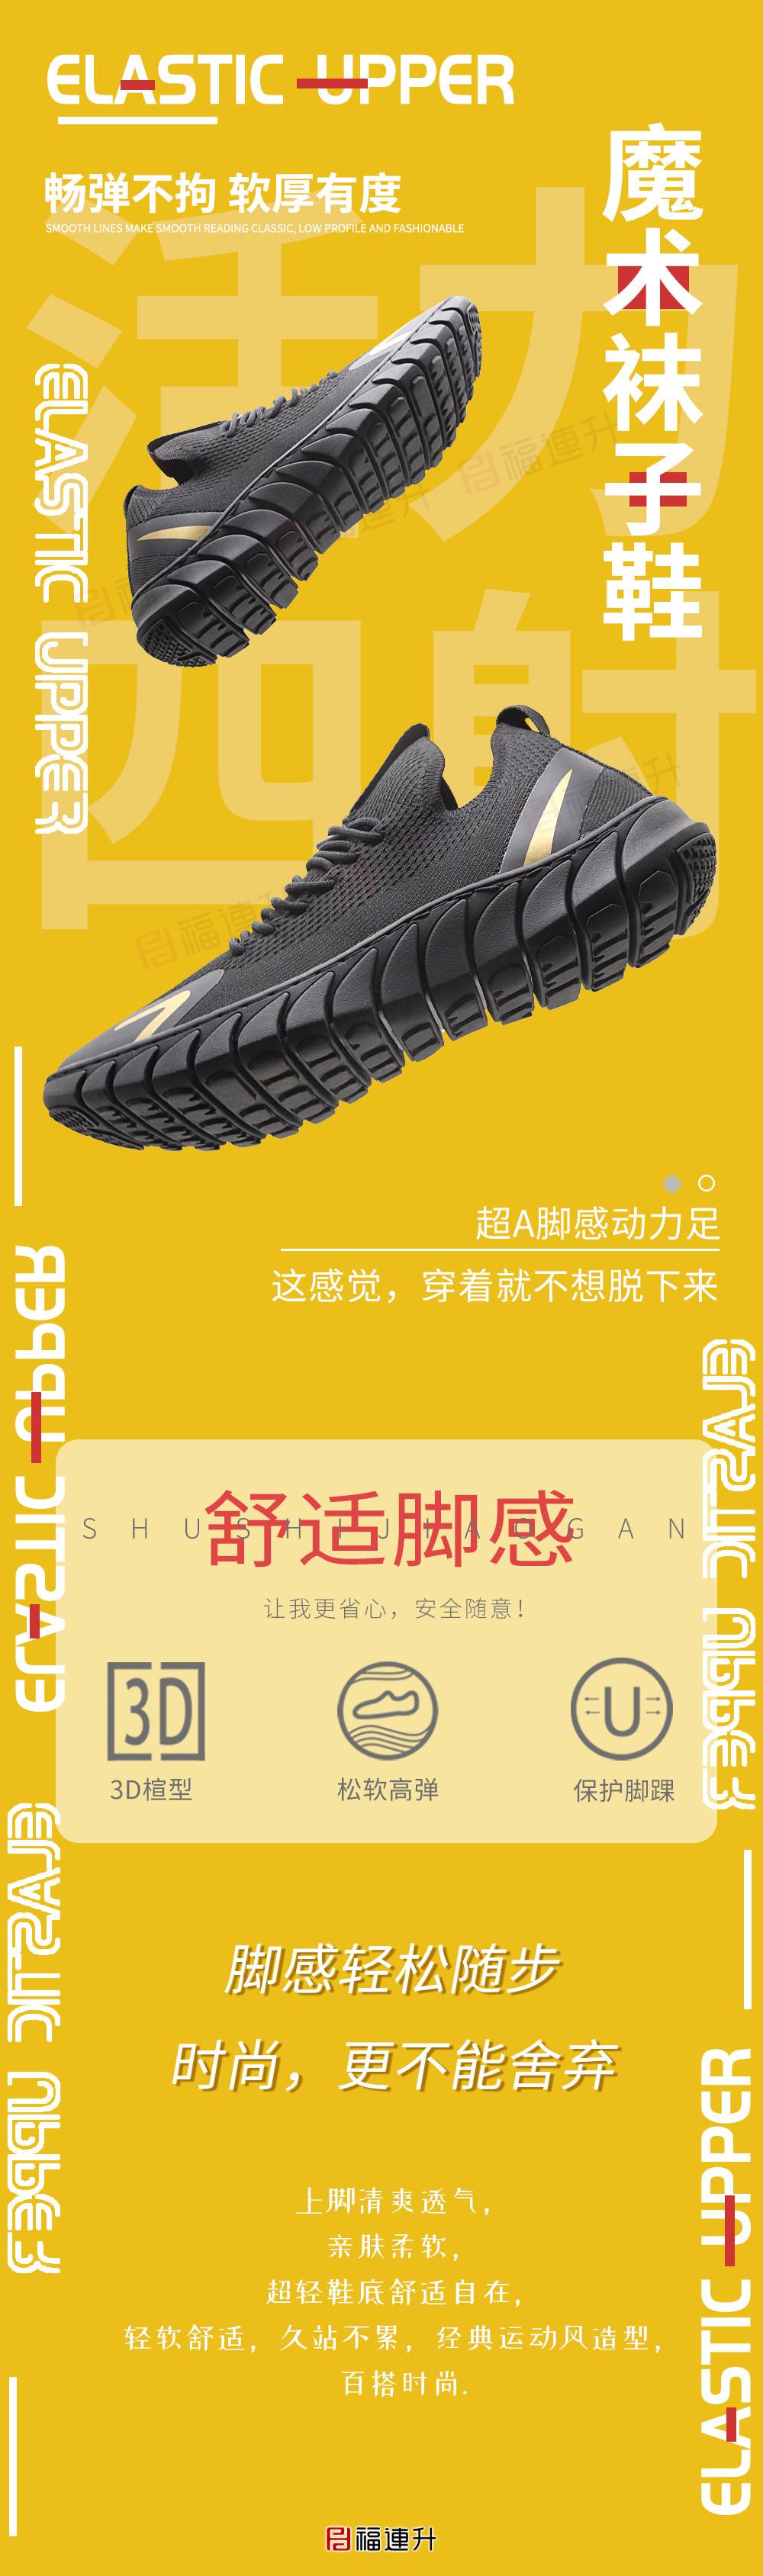 福连升时尚休闲运动男鞋飞织透气鞋面分段橡胶鞋底图片